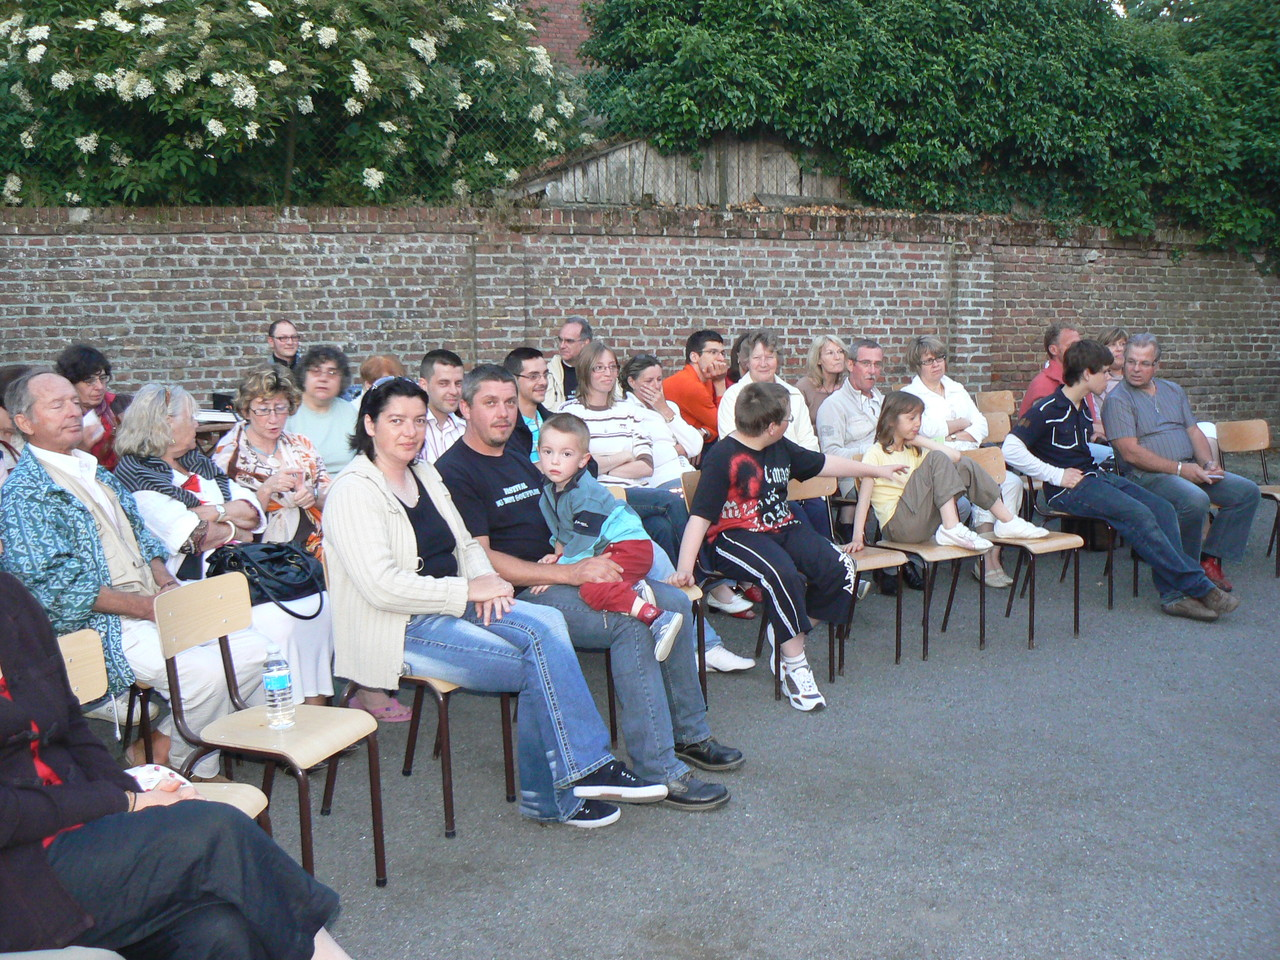 22h dans la cour de l'Ecole : les spectateurs emballés par Spencil Hill, musique irlandaise